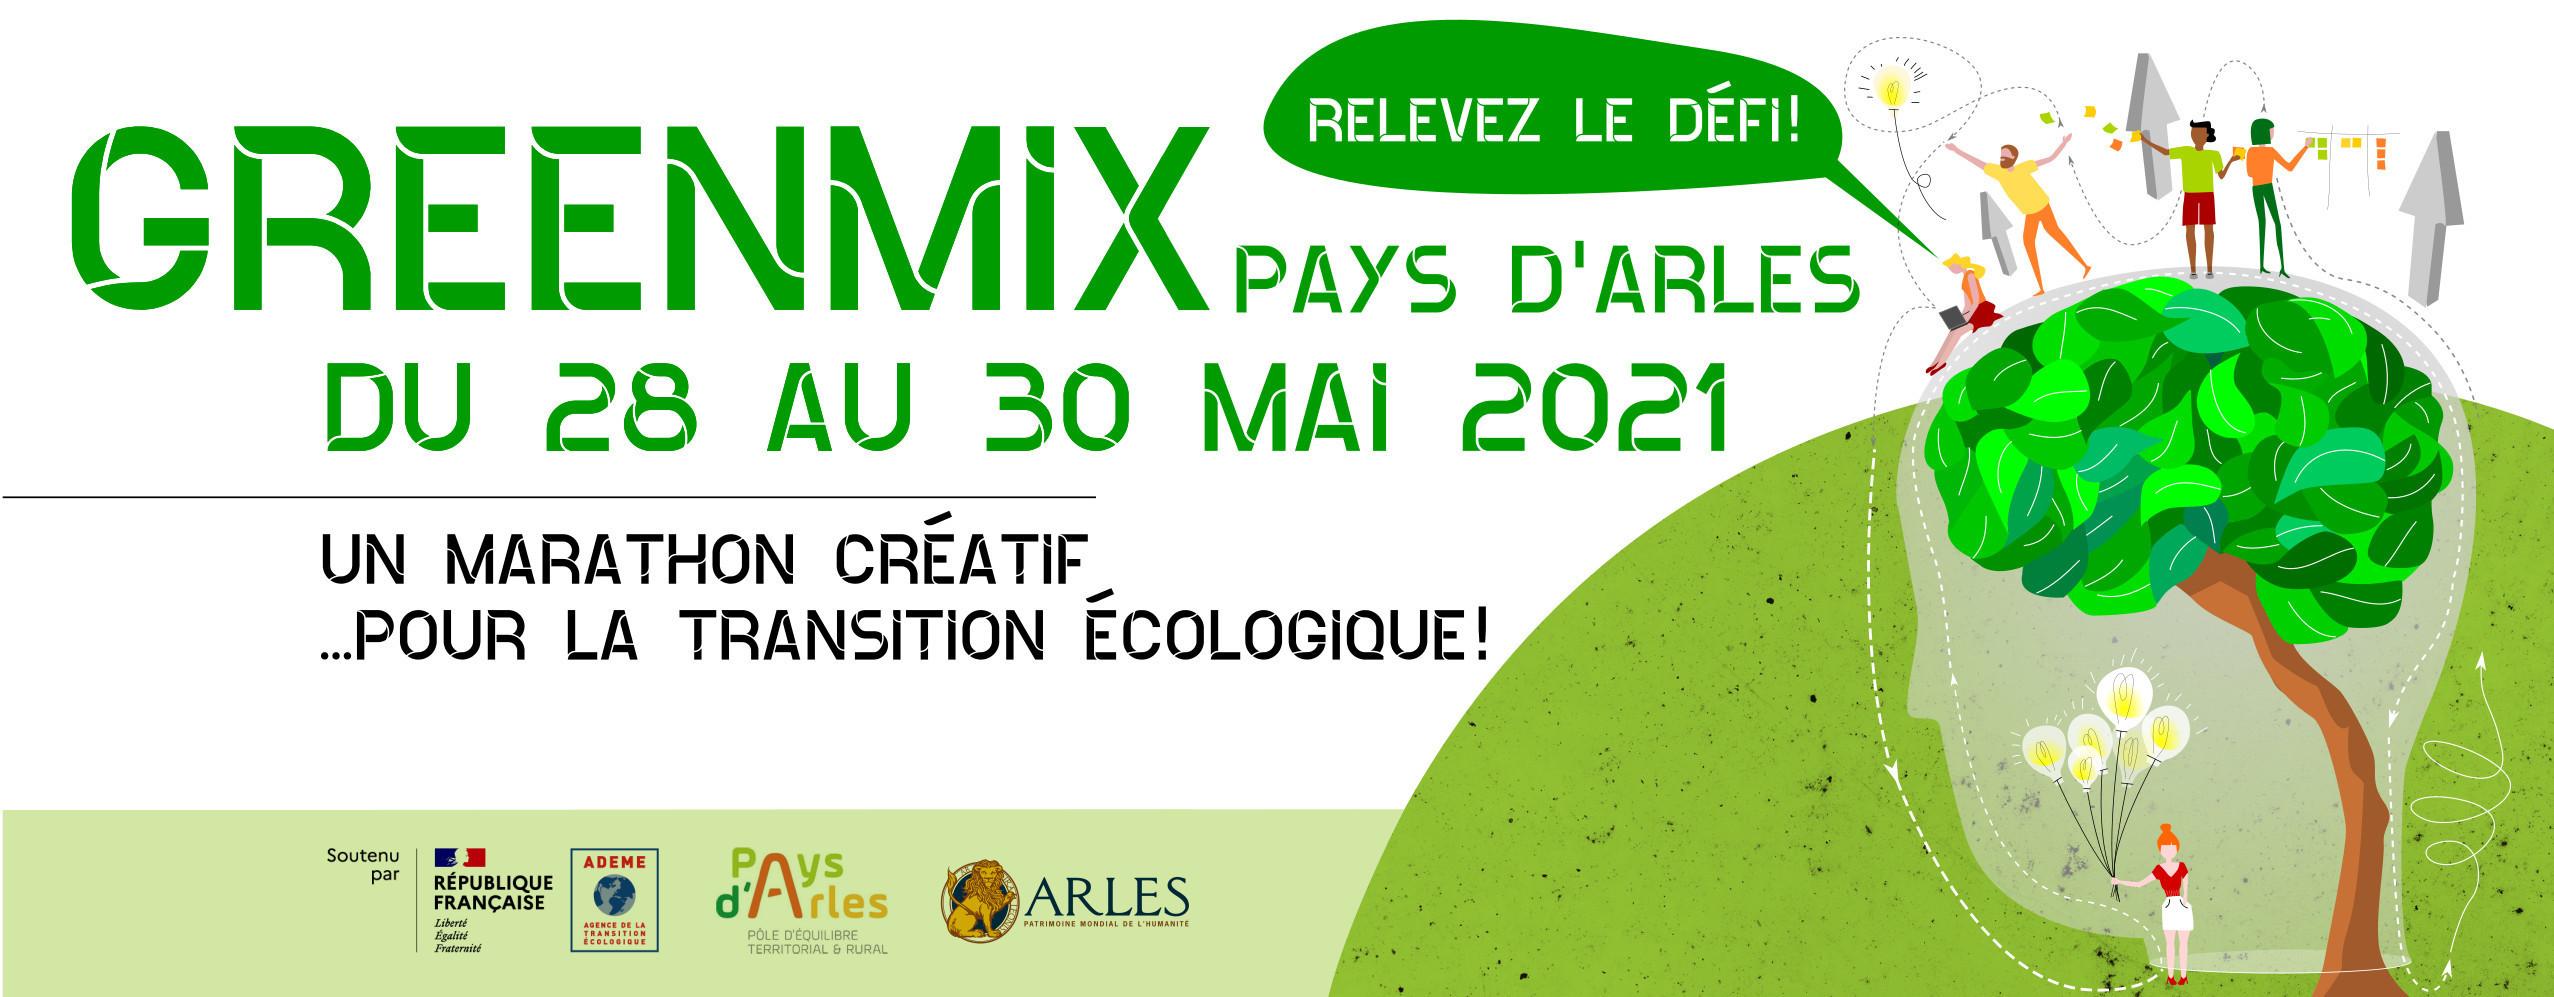 Marathon créatif sur le thème de la transition écologique